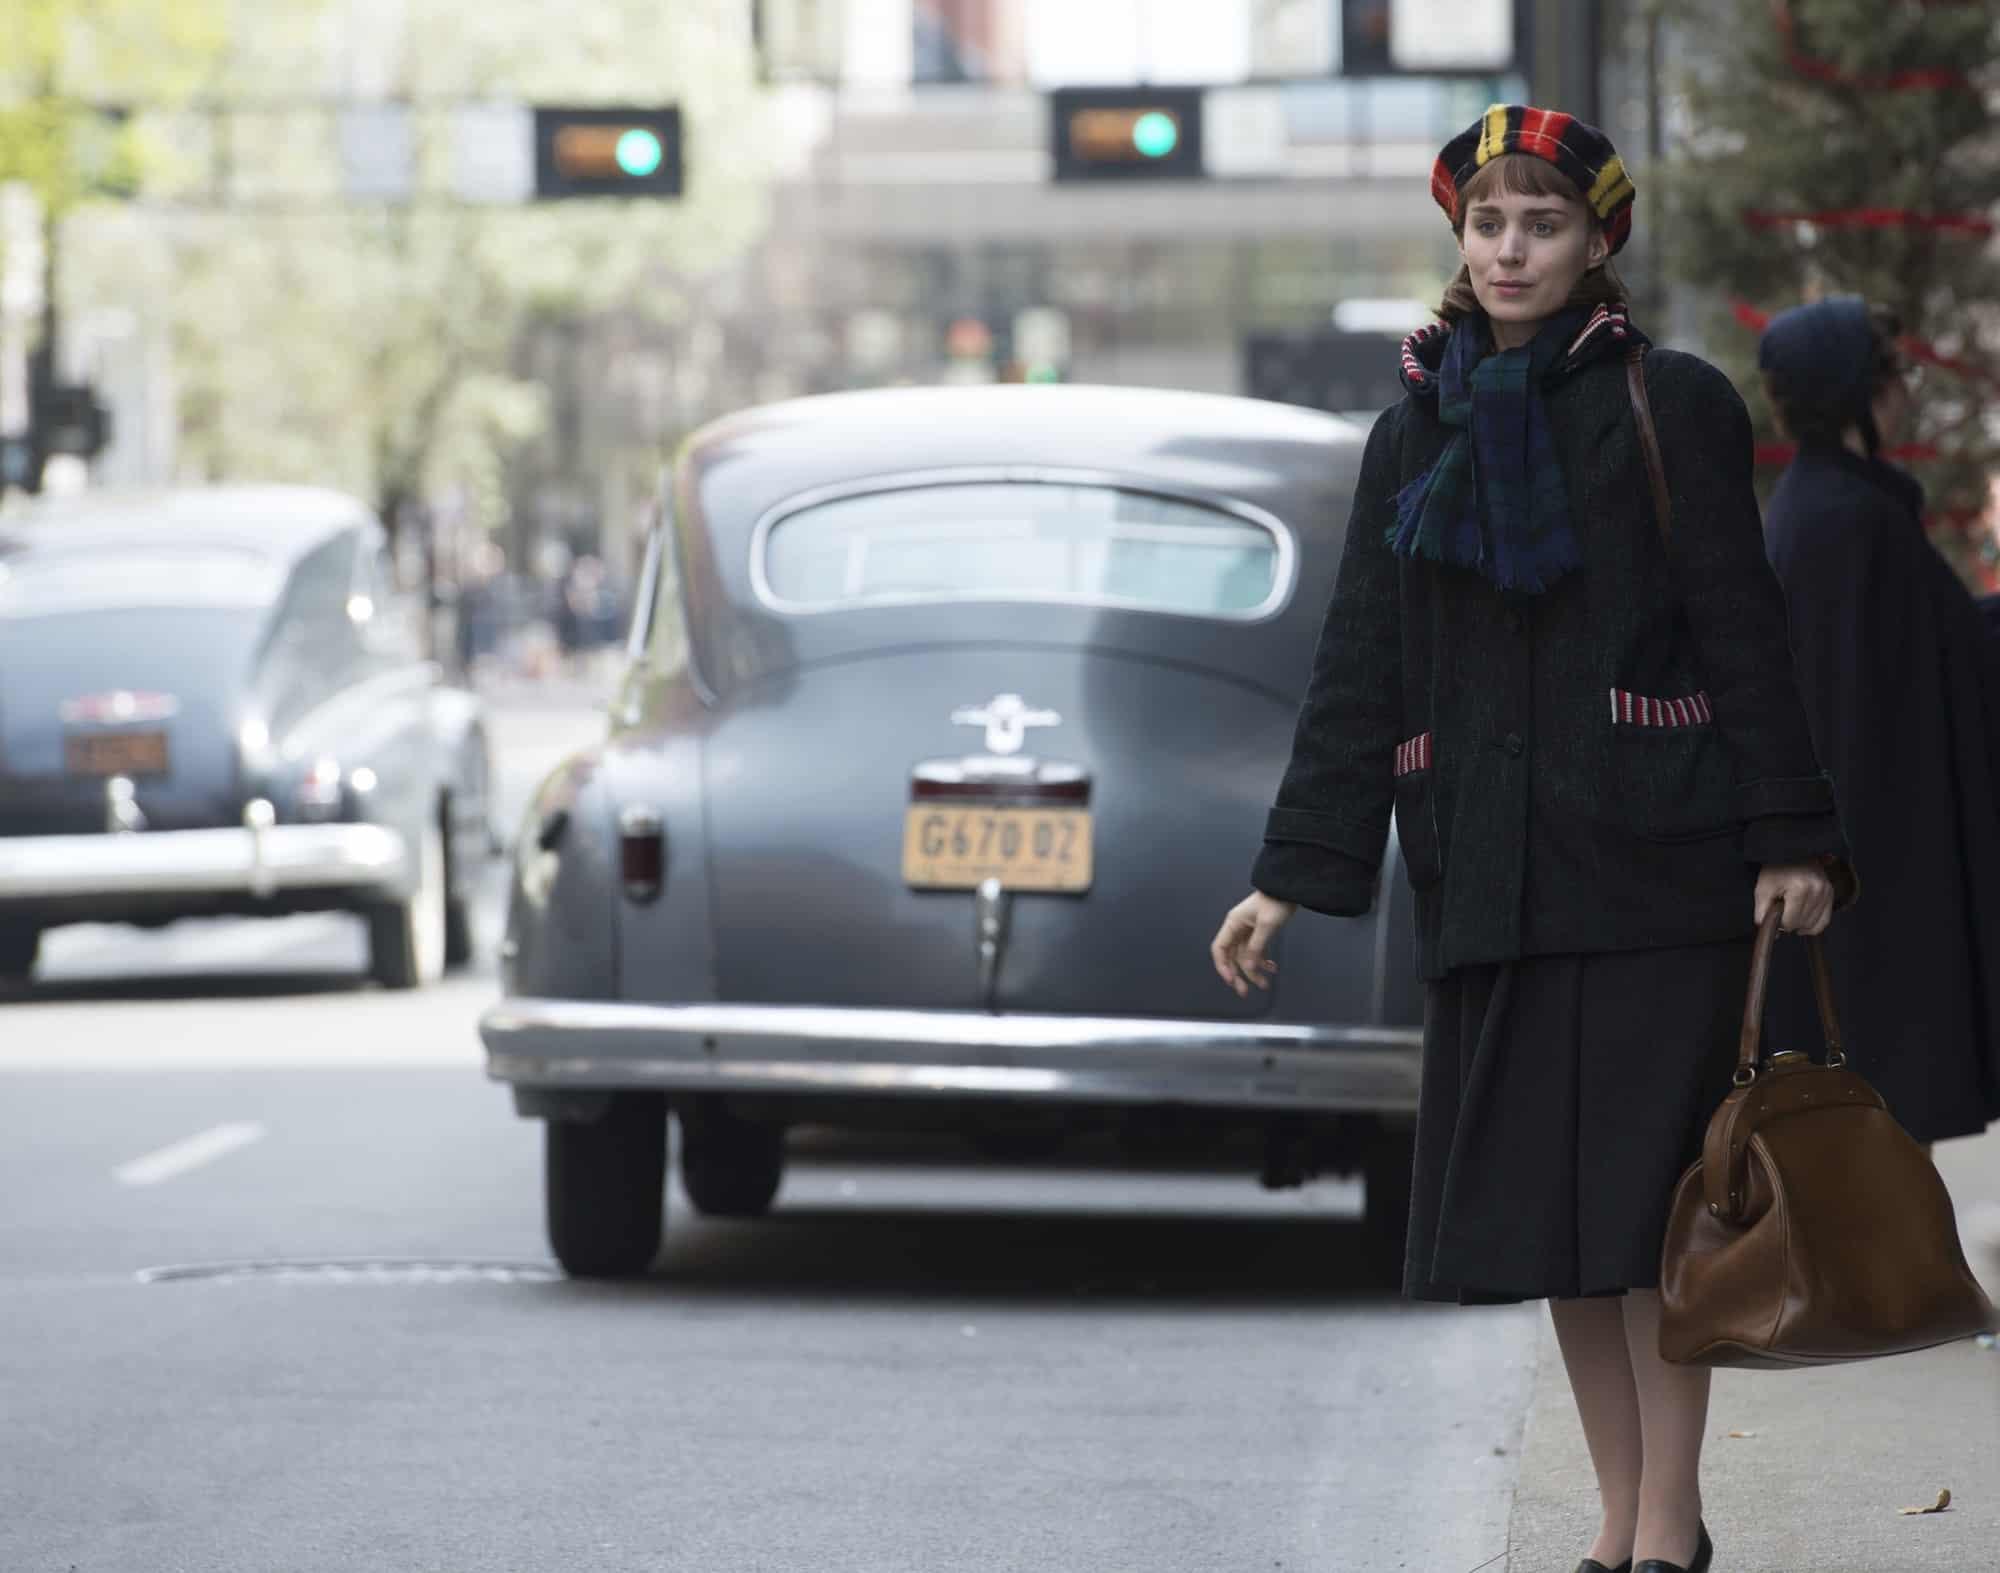 A Rooney Mara, su interpretación como Therese en 'Carol', le otorgó su segunda nominación al Óscar como Mejor Actriz de Reparto. © 2015 The Weinstein Company.